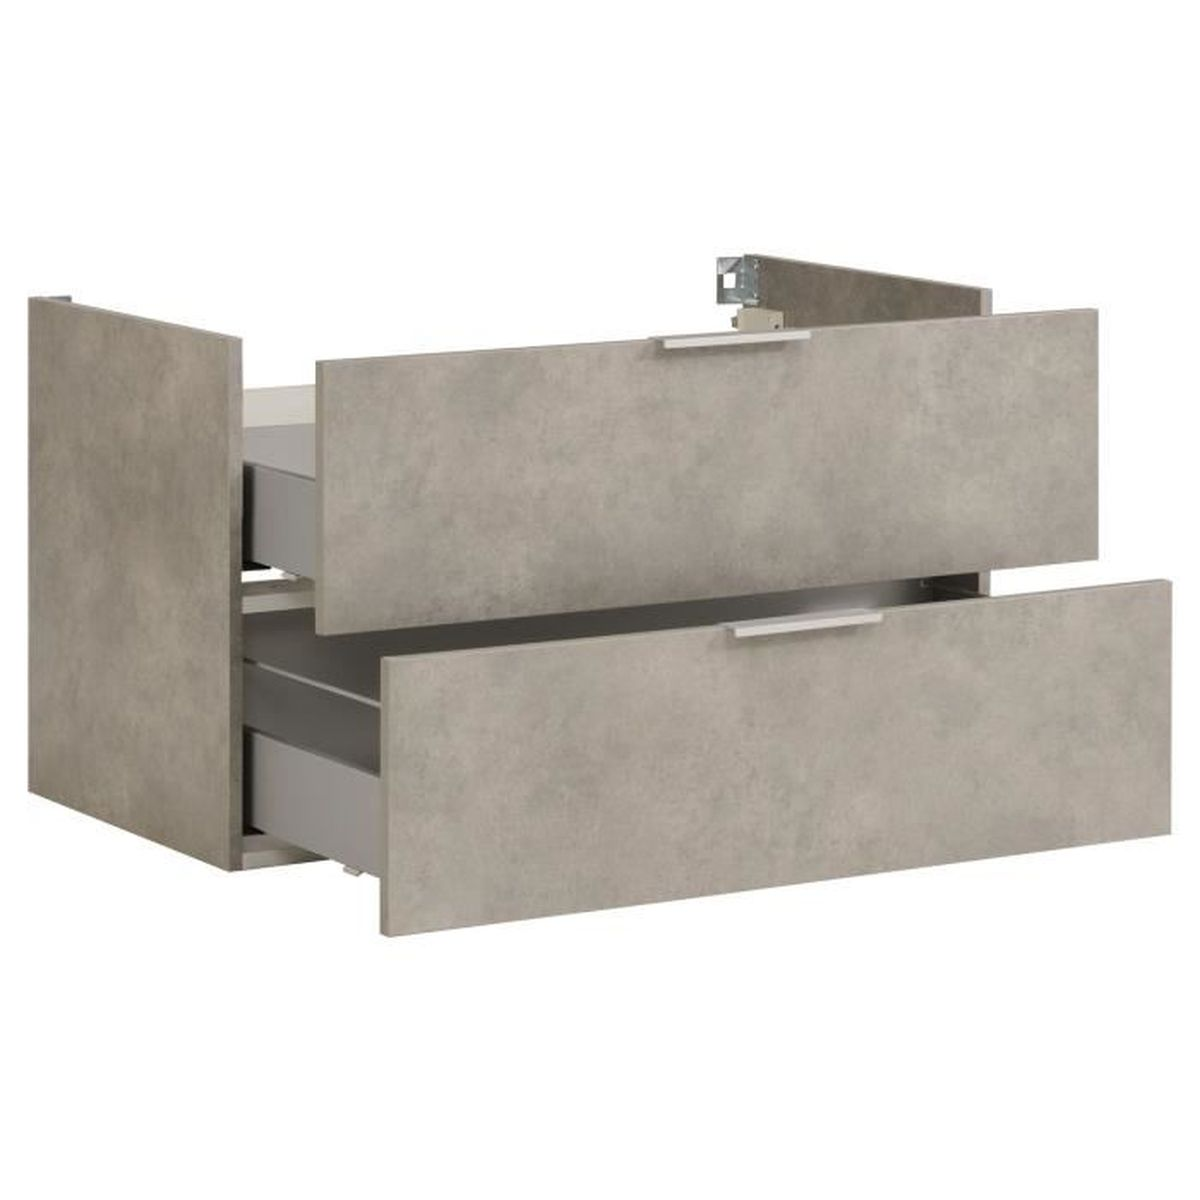 Luxy meuble de salle de bains effet b ton 90cm gris for Meuble salle de bain 90 cm